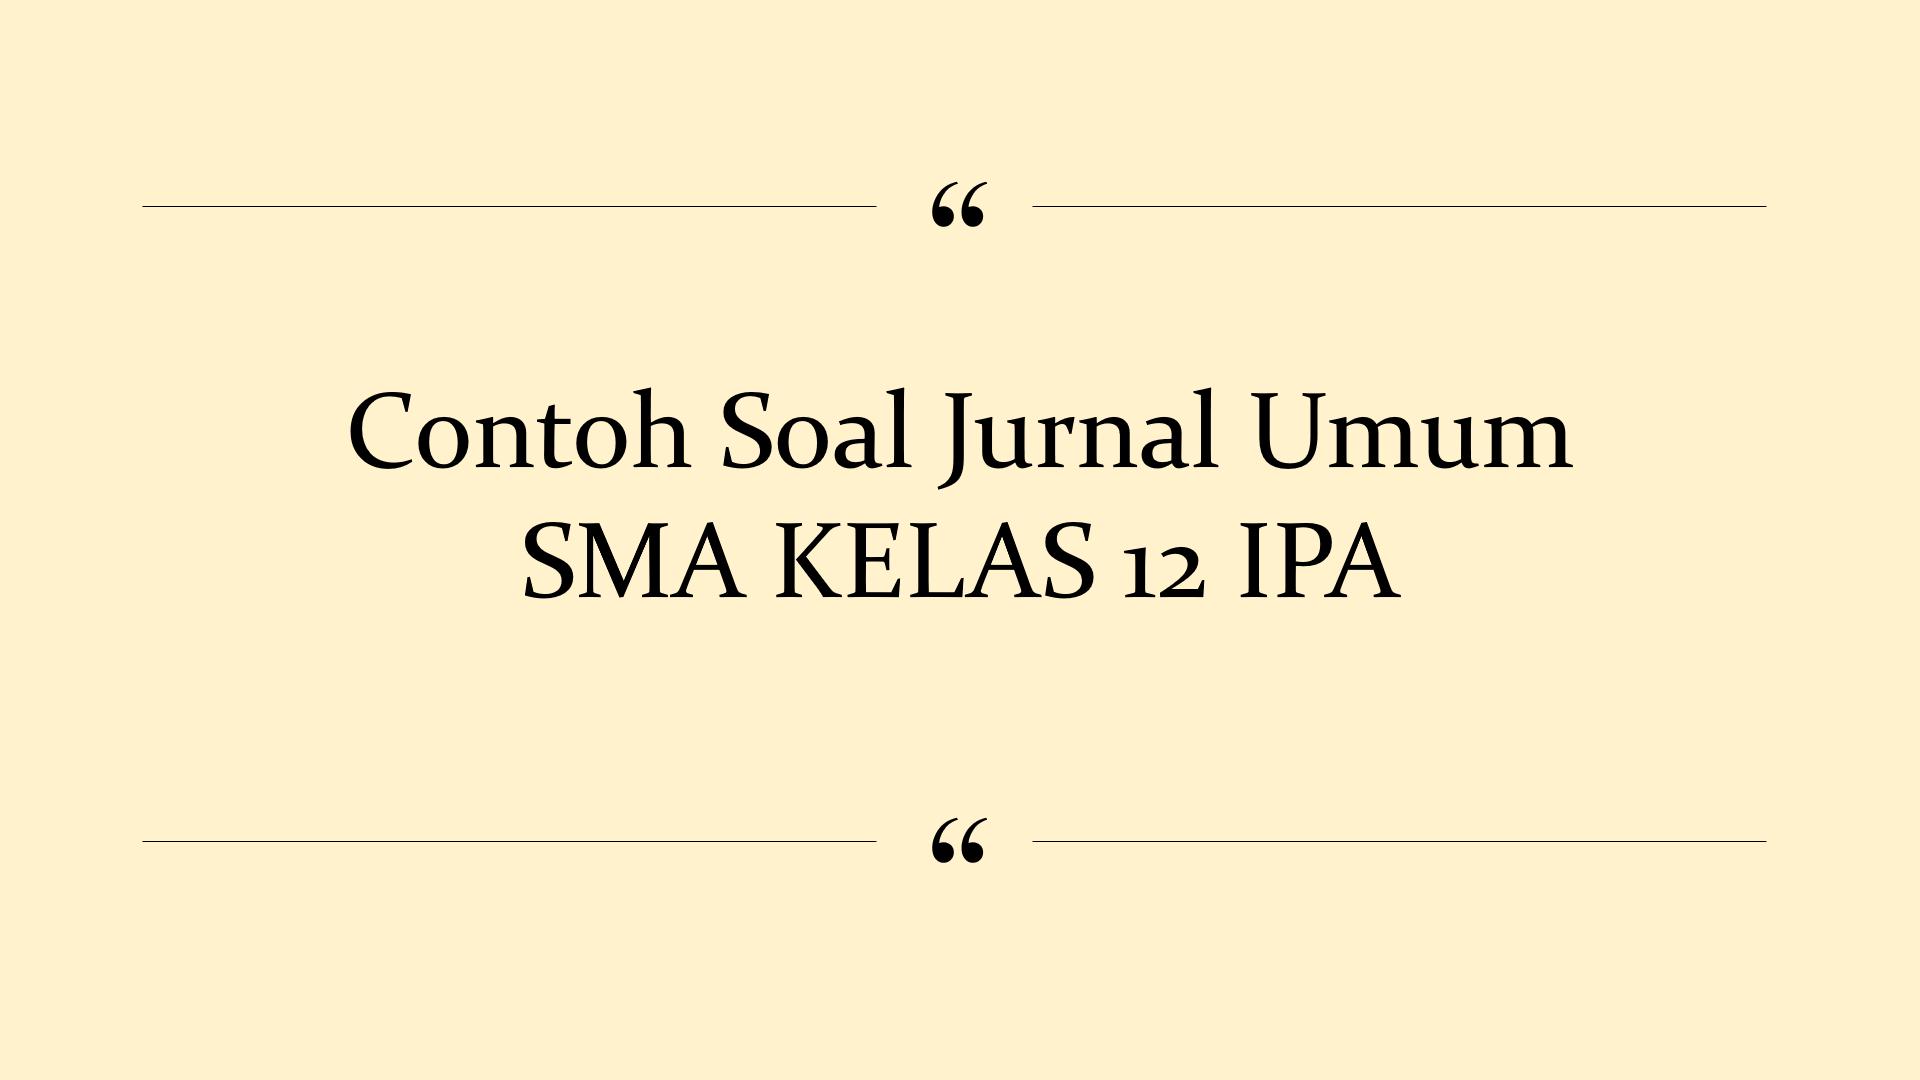 contoh soal jurnal umum latihan 1 dan 2 SMA KELAS 12 IPA